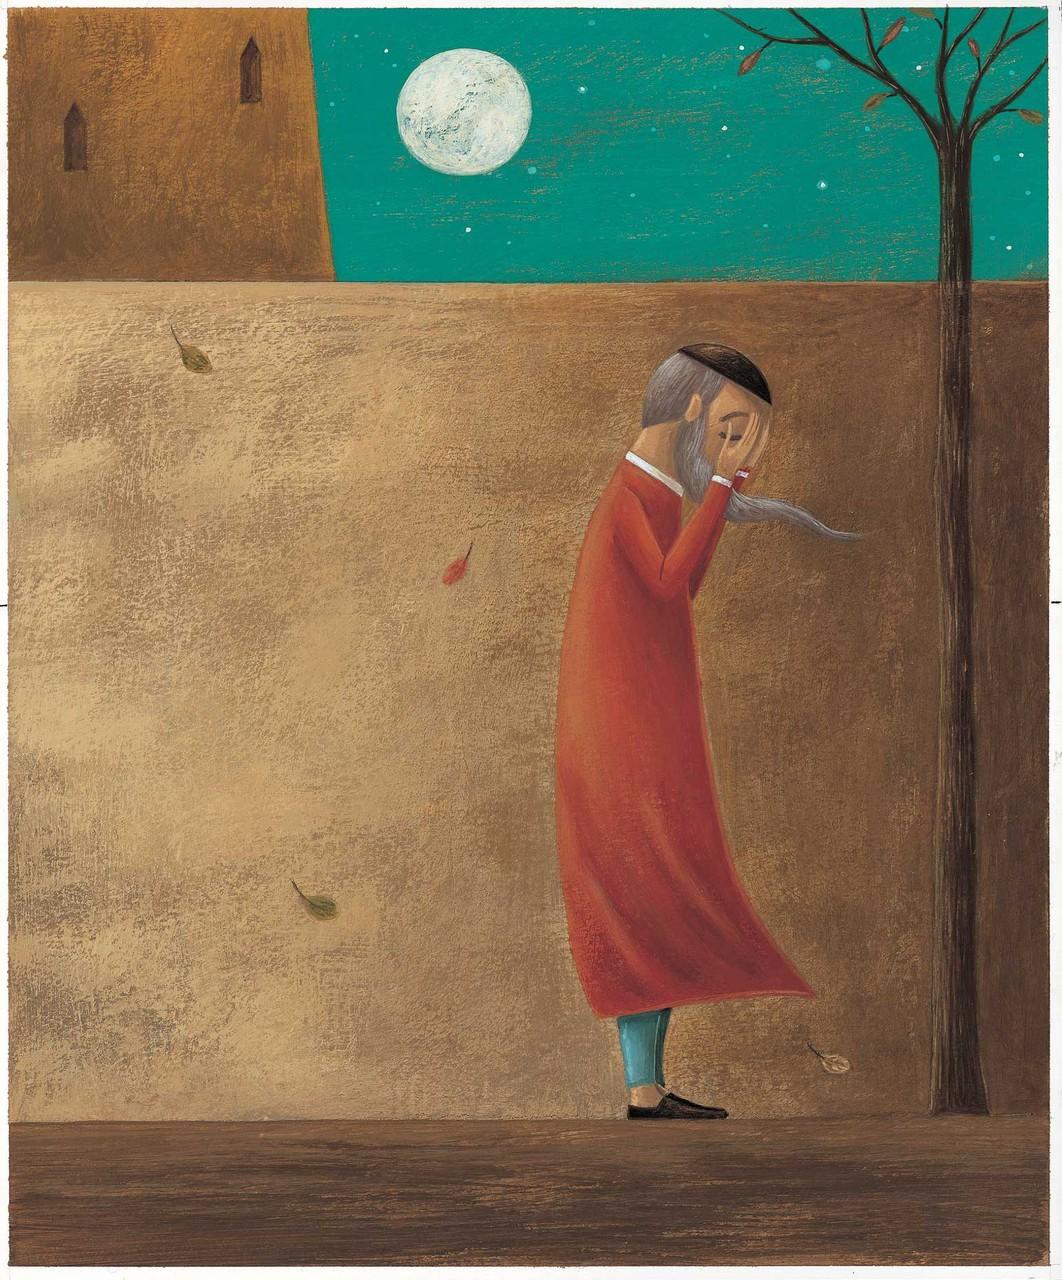 Piccolo Vangelo Illustrato Ed. SanPaolo 2014